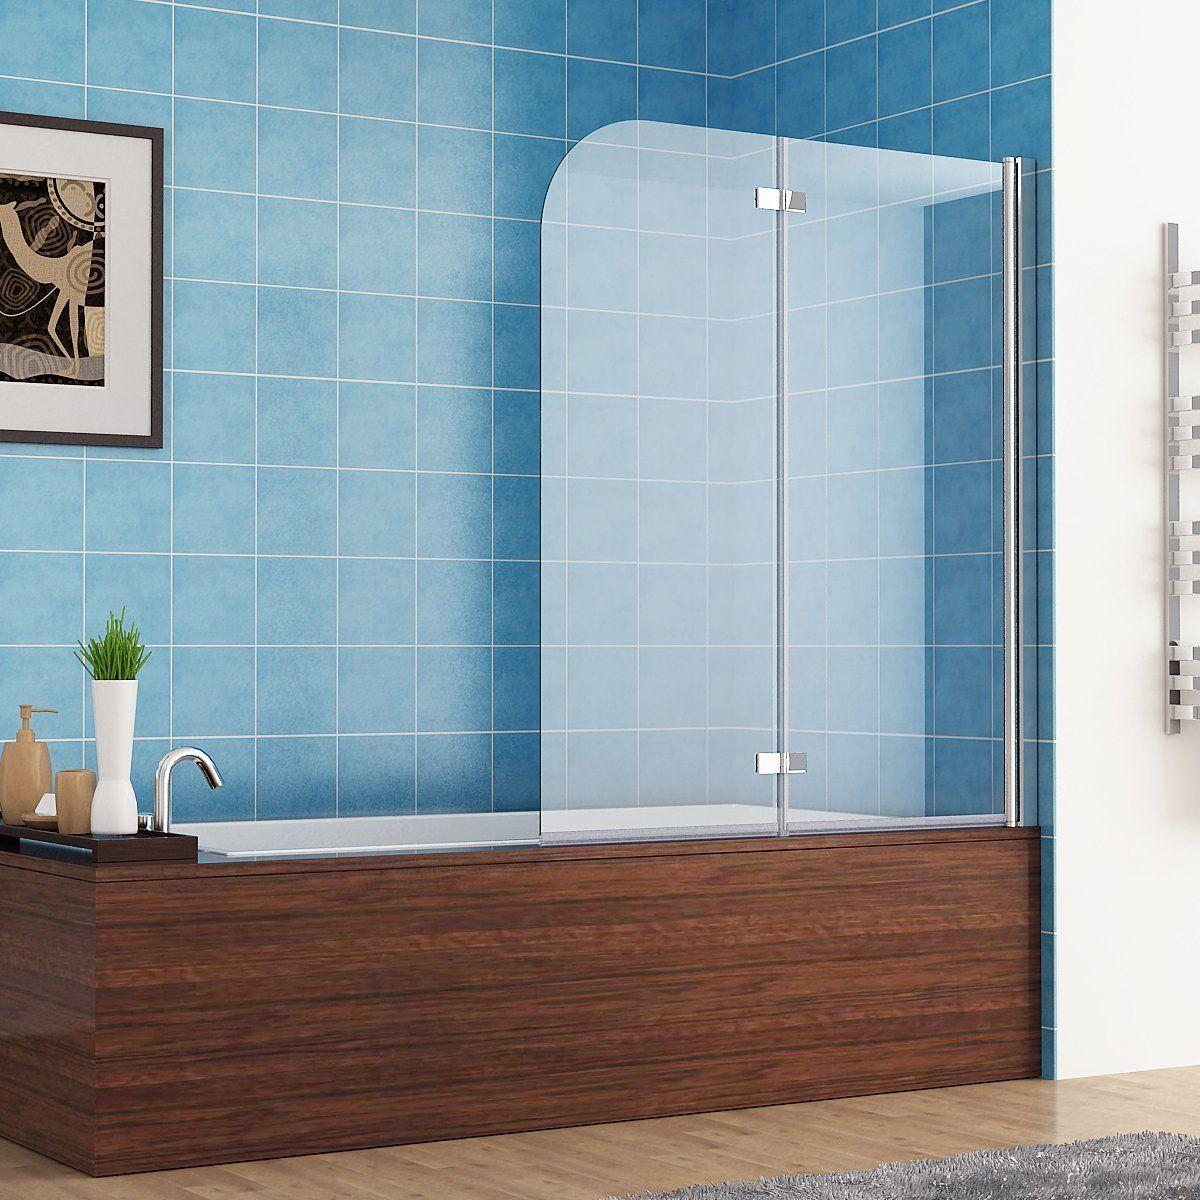 Badewanne Duschwand Glas Teilig - Duschwand auf fliesen kleben